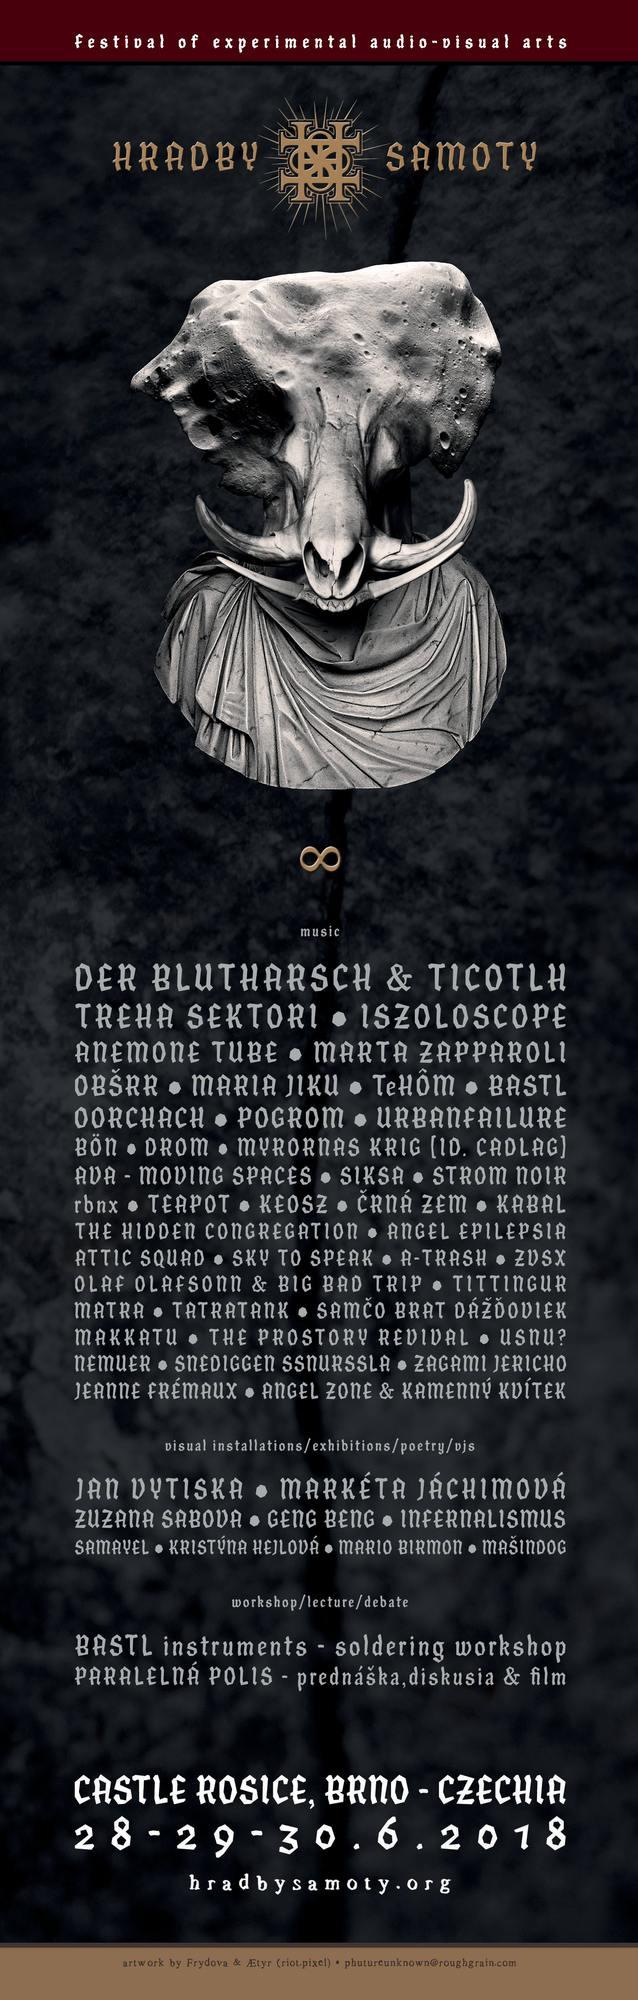 HRADBY SAMOTY VIII. – festival experimentálního audio-vizuálního umění